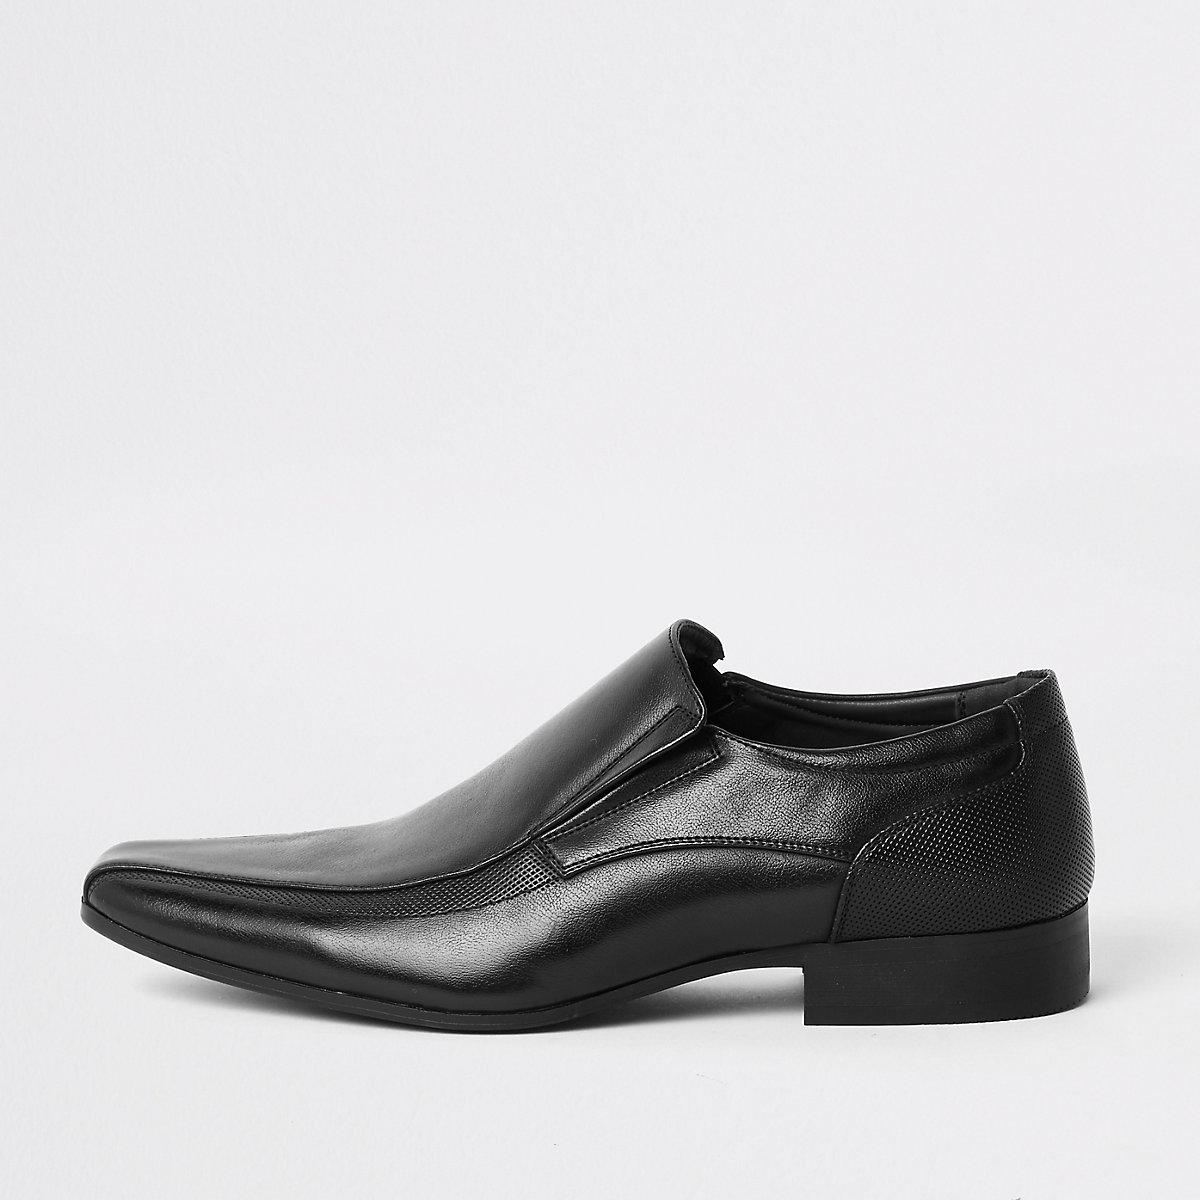 Schwarze feine Schuhe zum Hineinschlüpfen